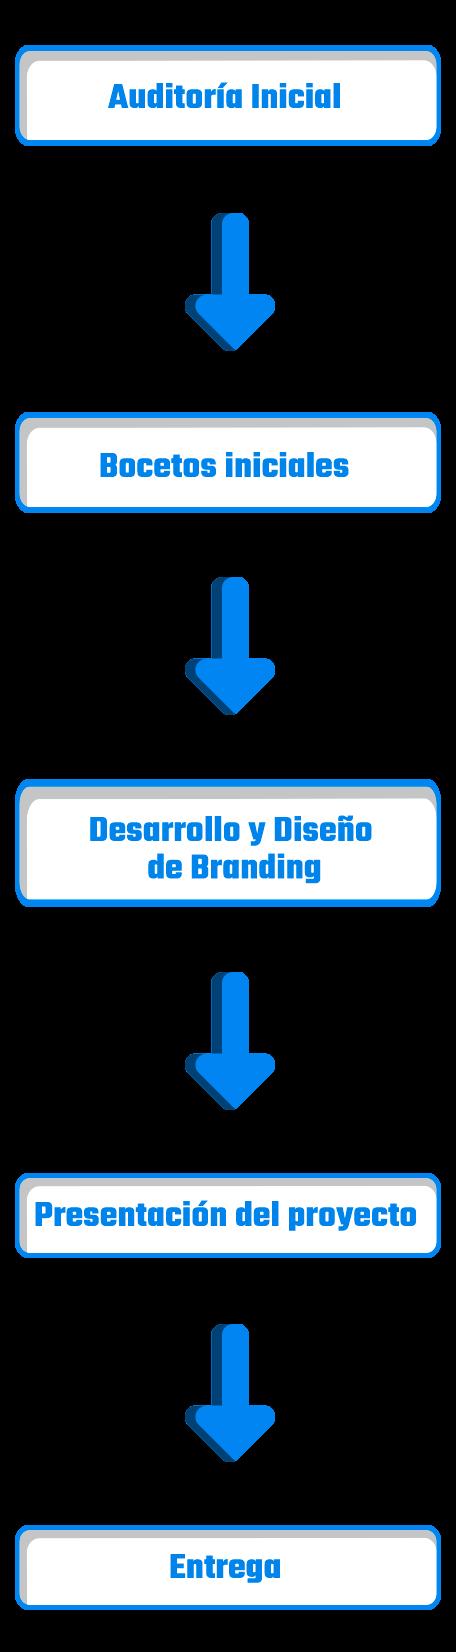 Diagrama de flujo de trabajo servicio diseño grafico y branding 3